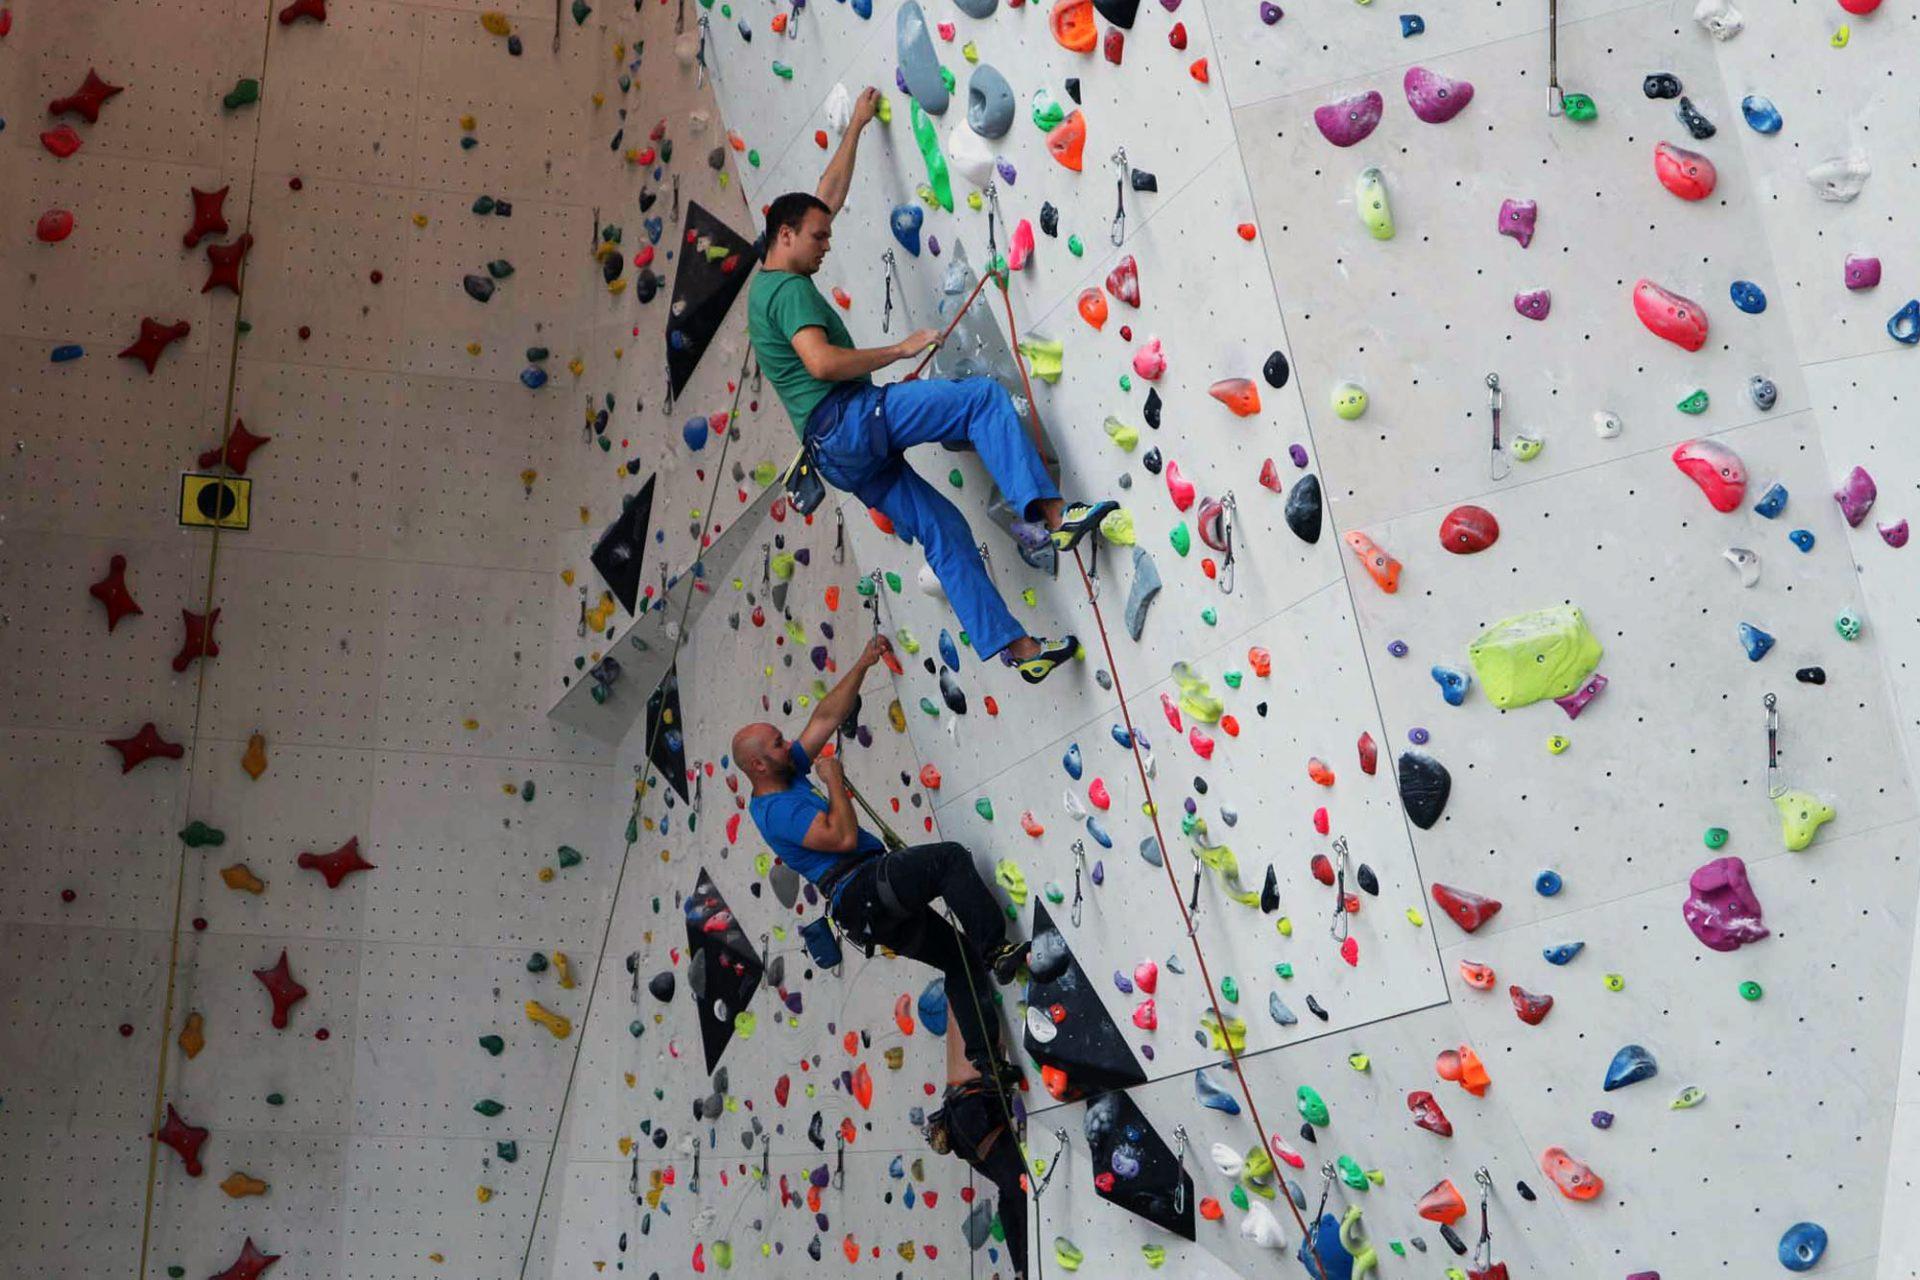 Kletterzentrum Bruneck.  Gleichzeitig sind die verschiedenen Kletterbereiche der Öffentlichkeit zugänglich.